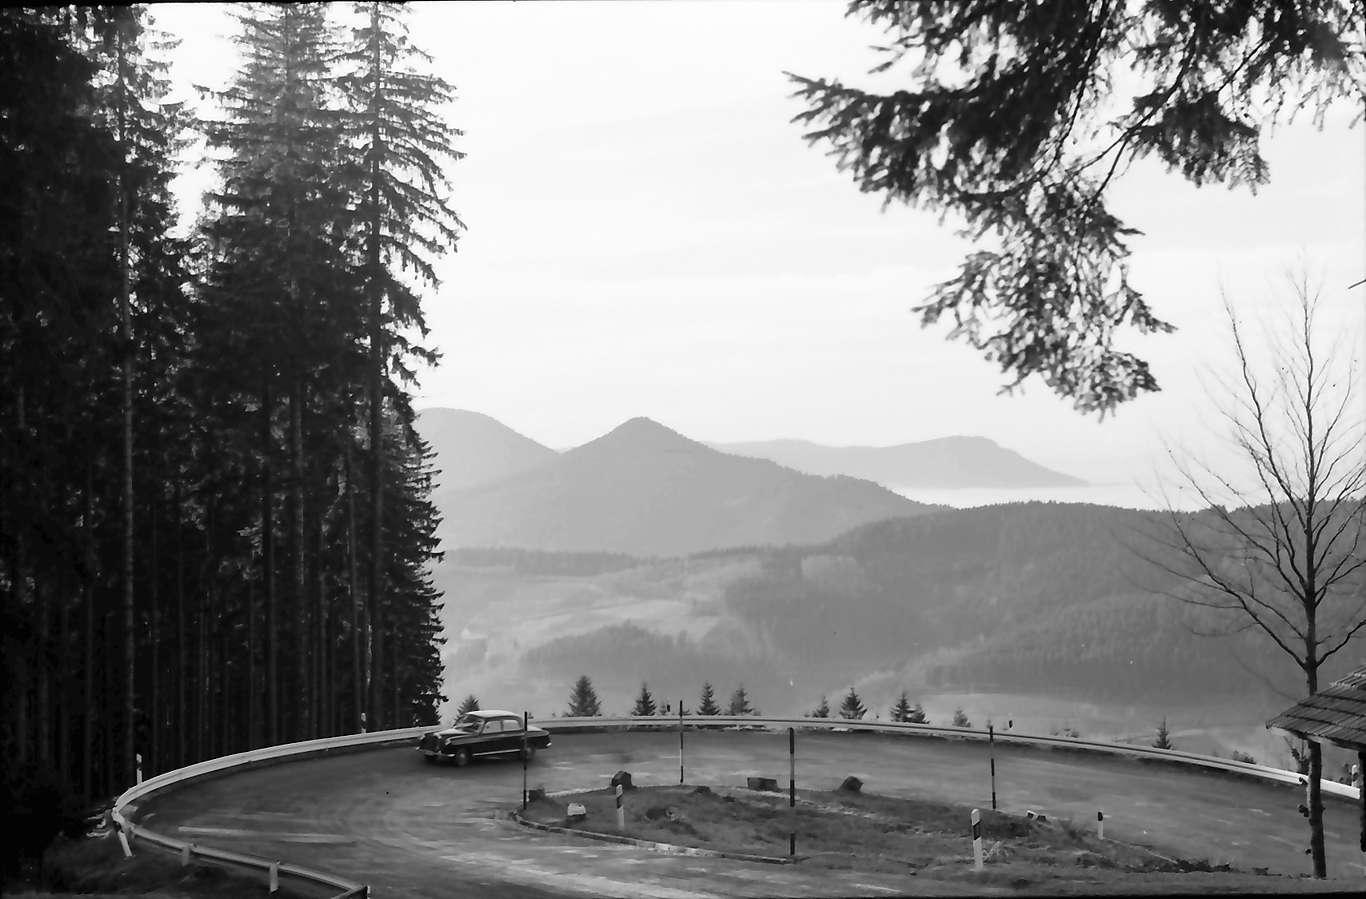 Bad Griesbach: Große Kurve der B 28, ins Tal bei Bad Griesbach, Bild 1